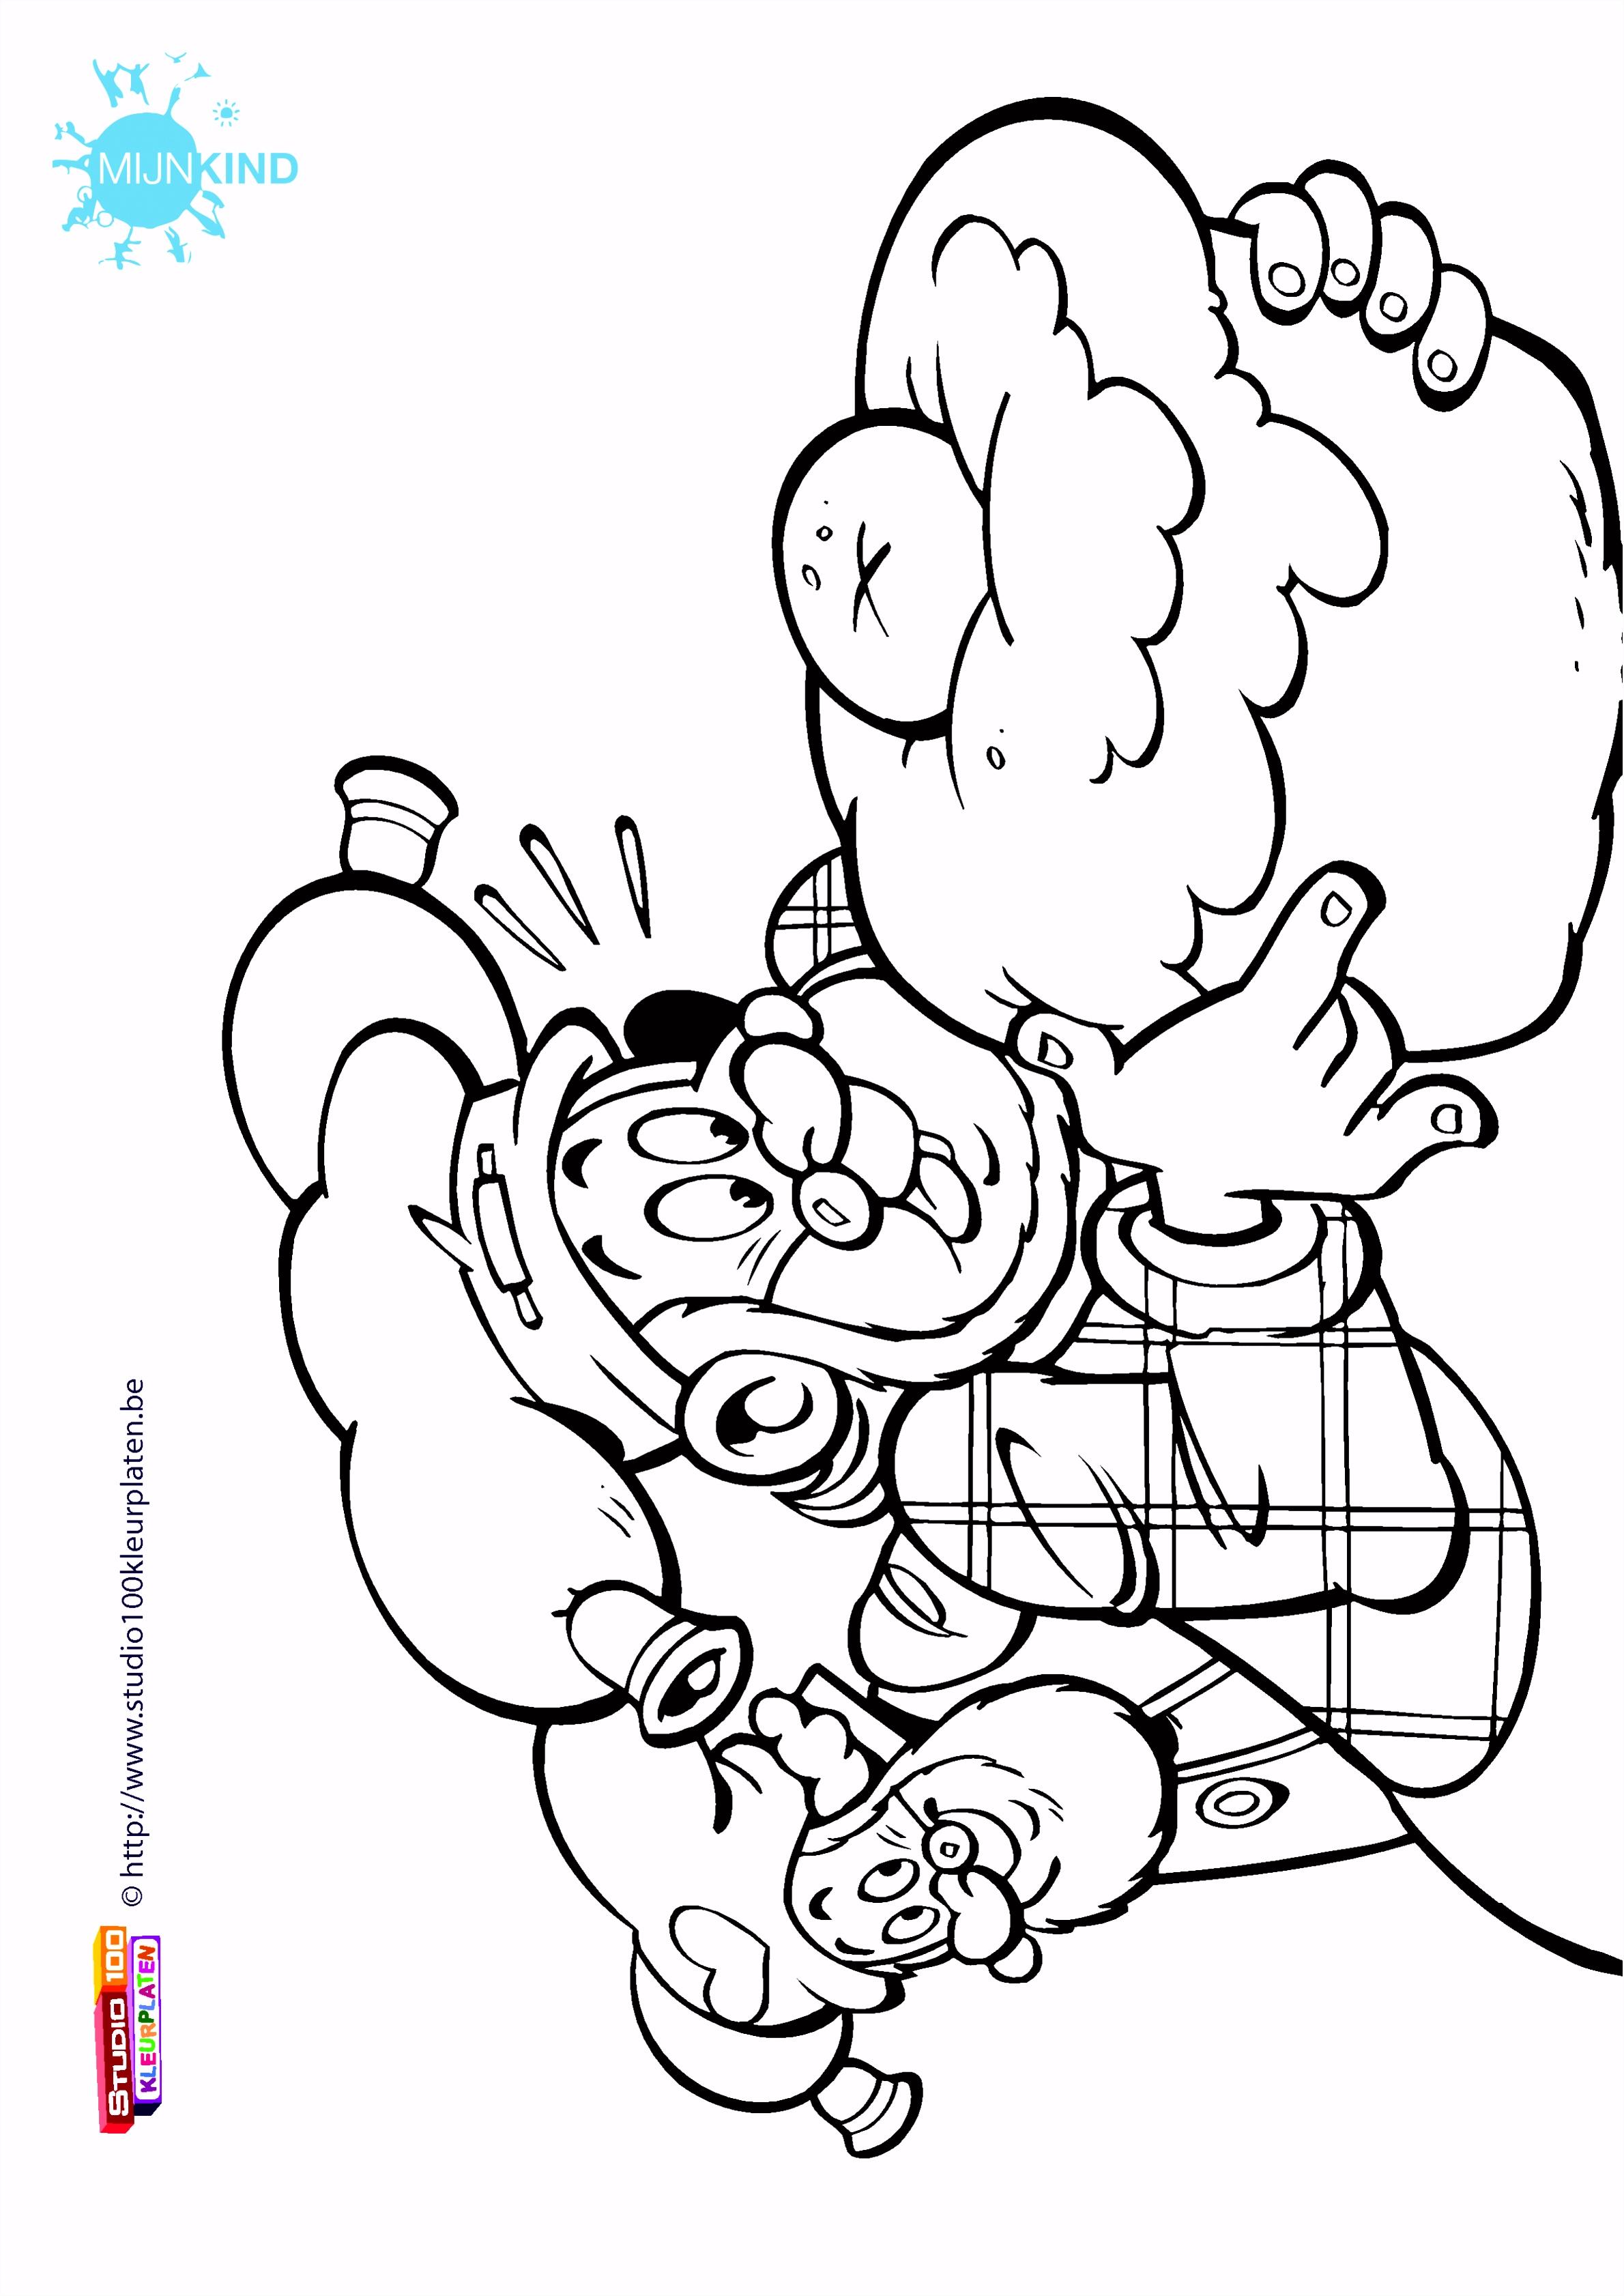 Print de gratis kleurplaat van Kabouter Plop kleurplaat nummer 378